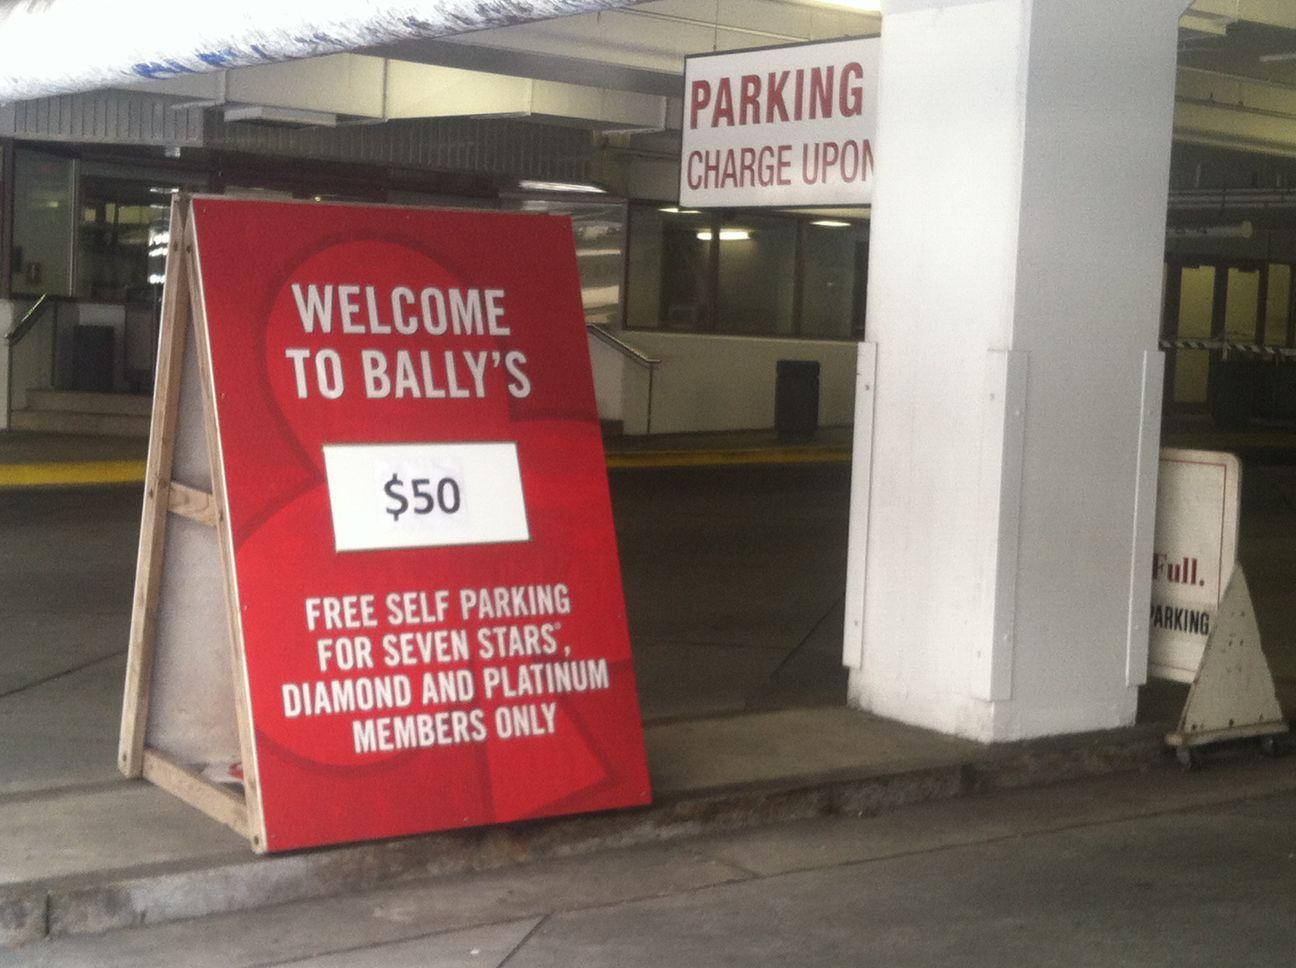 Parking atlantic city casinos bonus code platinum plat casino